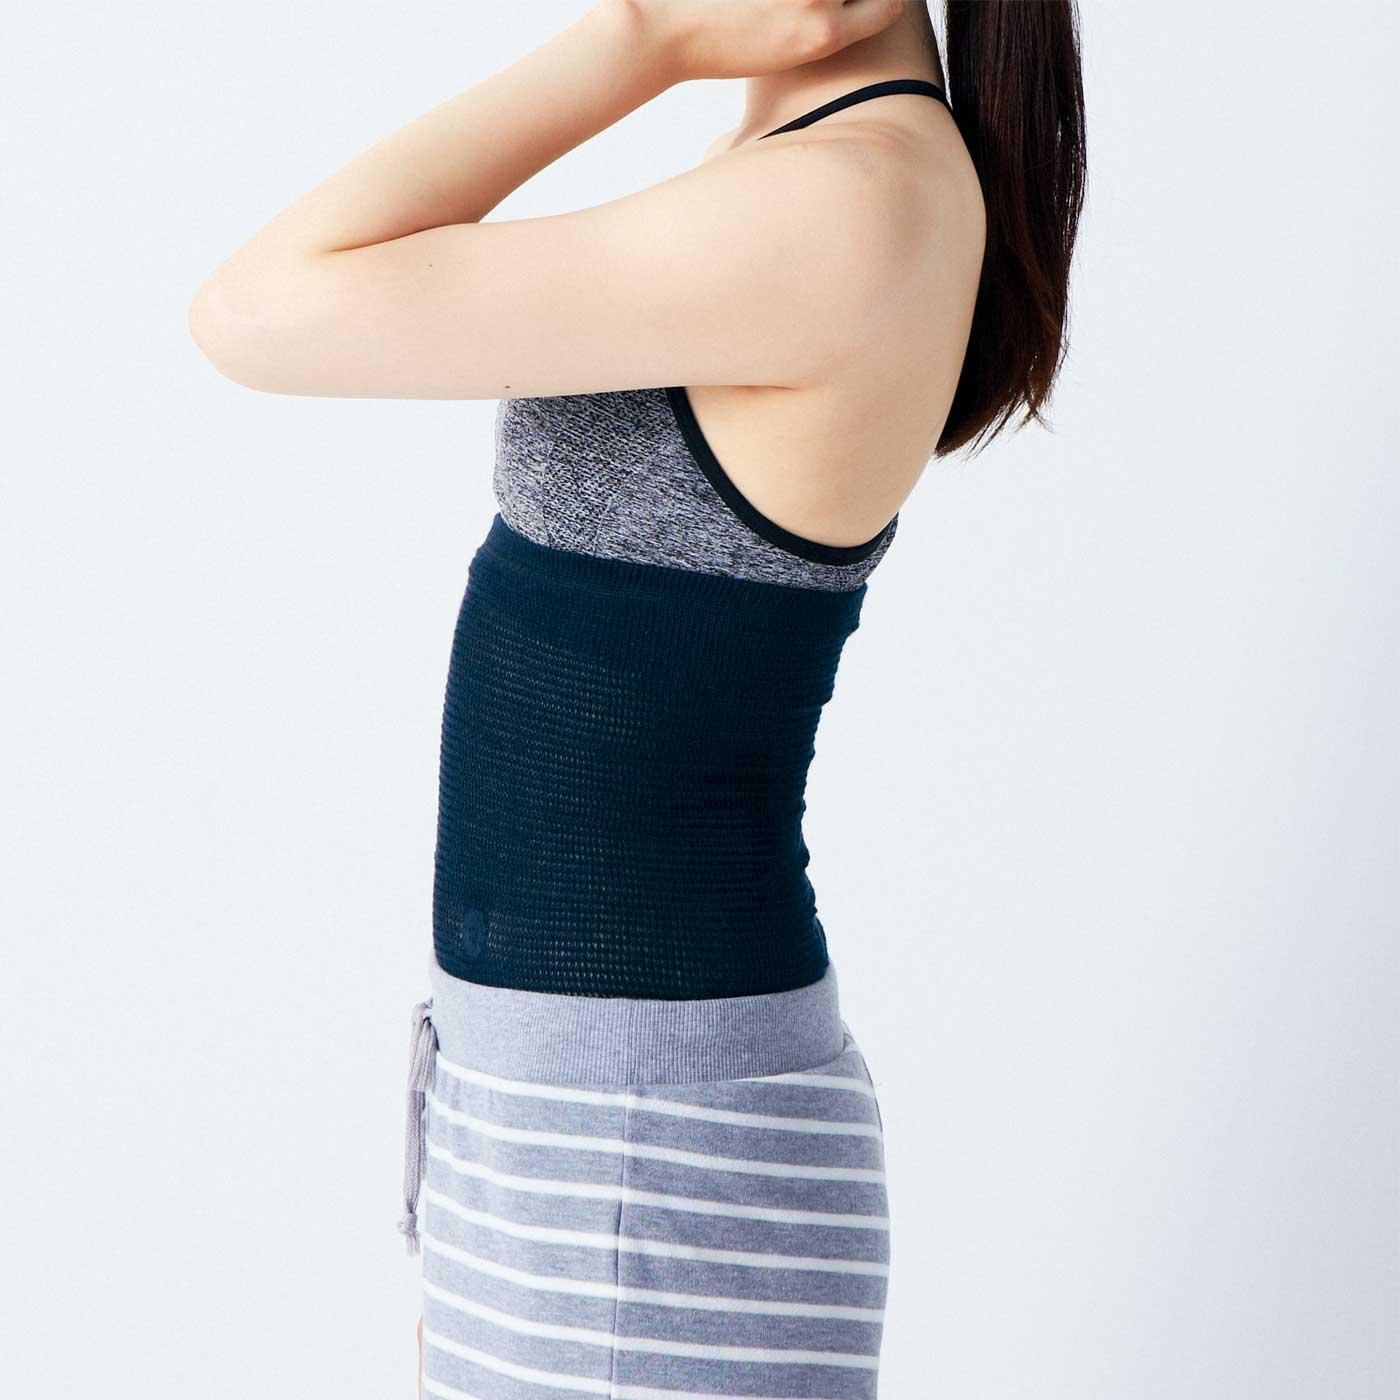 下腹部まですっぽり包み込む安心の丈感。